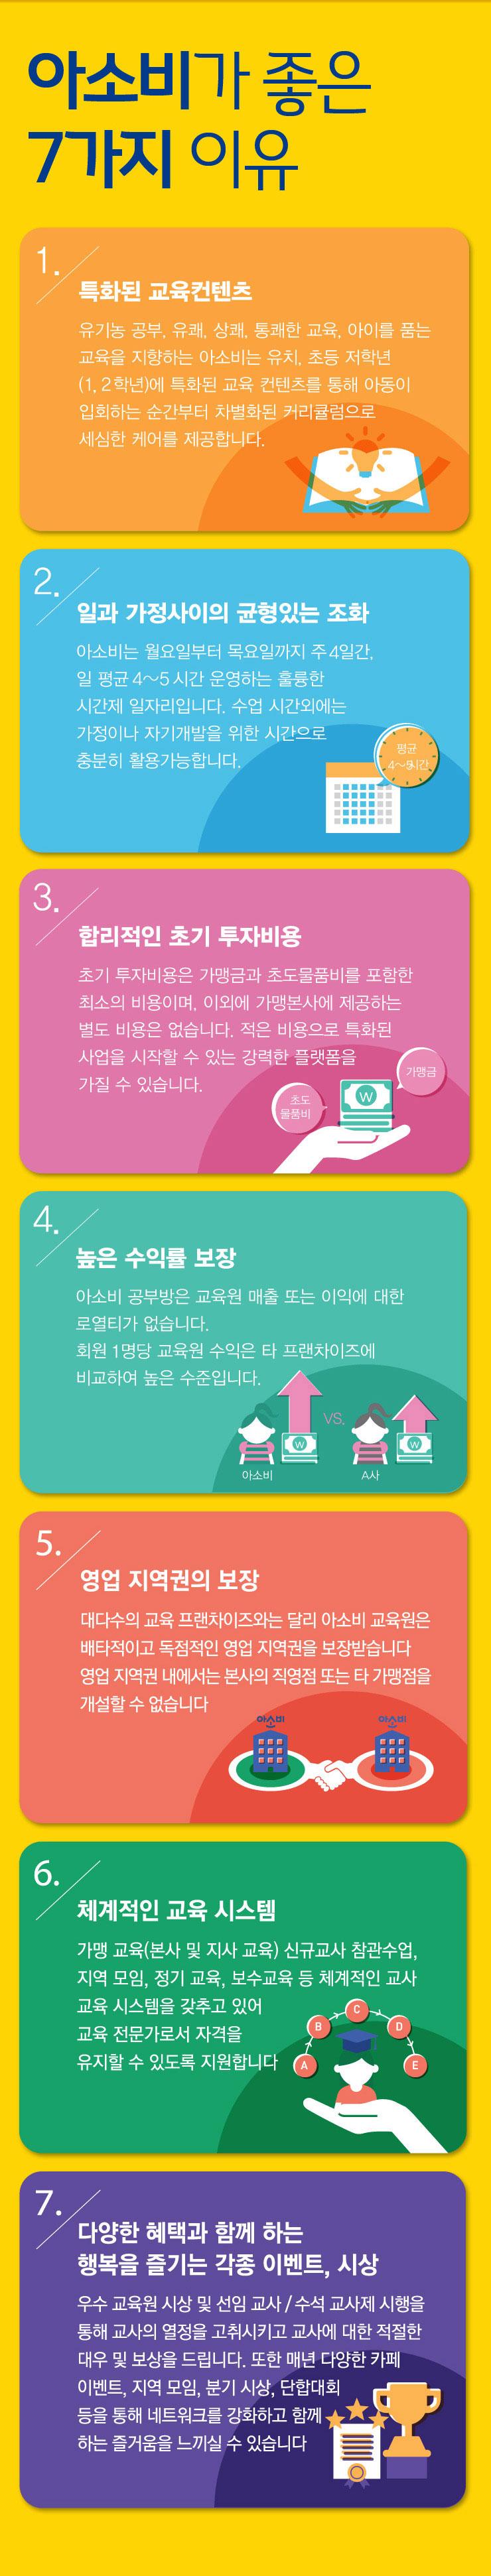 아소비가 좋은 7가지 이유